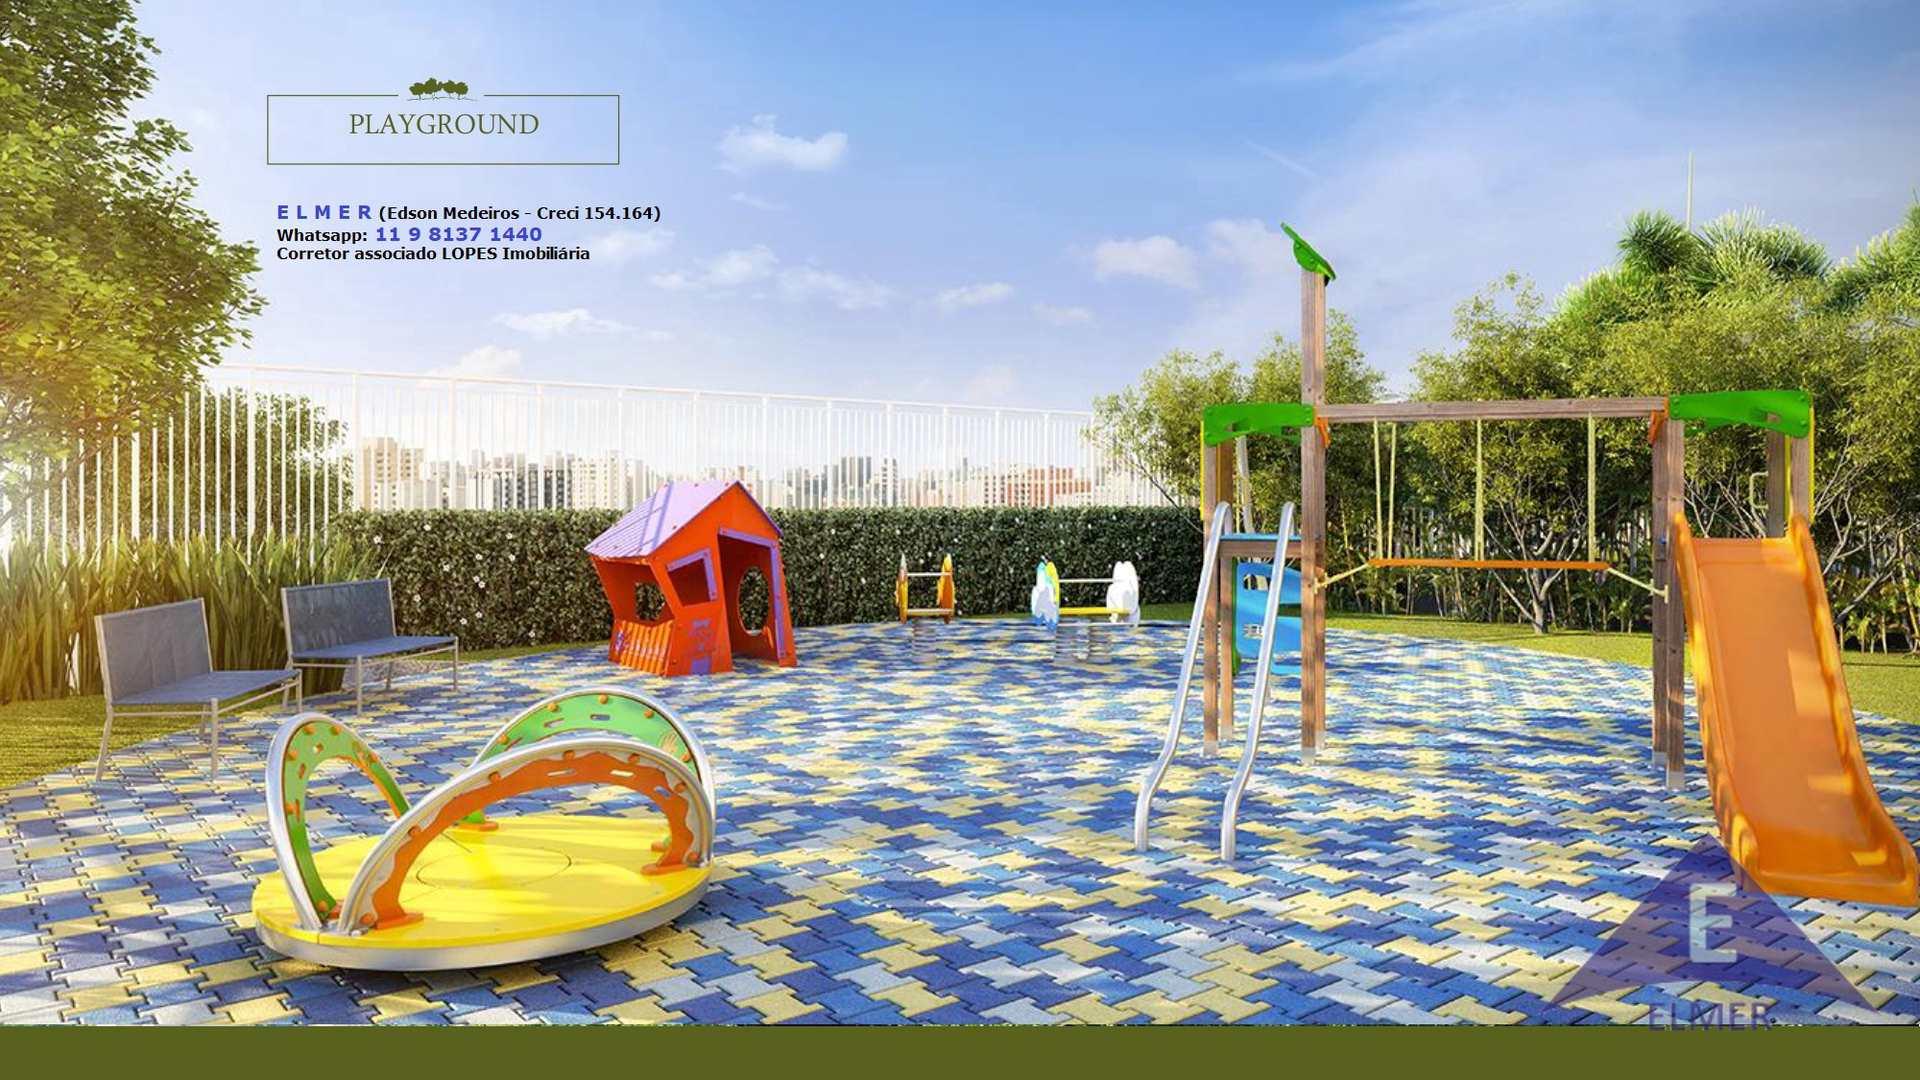 JERIVAS - Playground - E L M E R